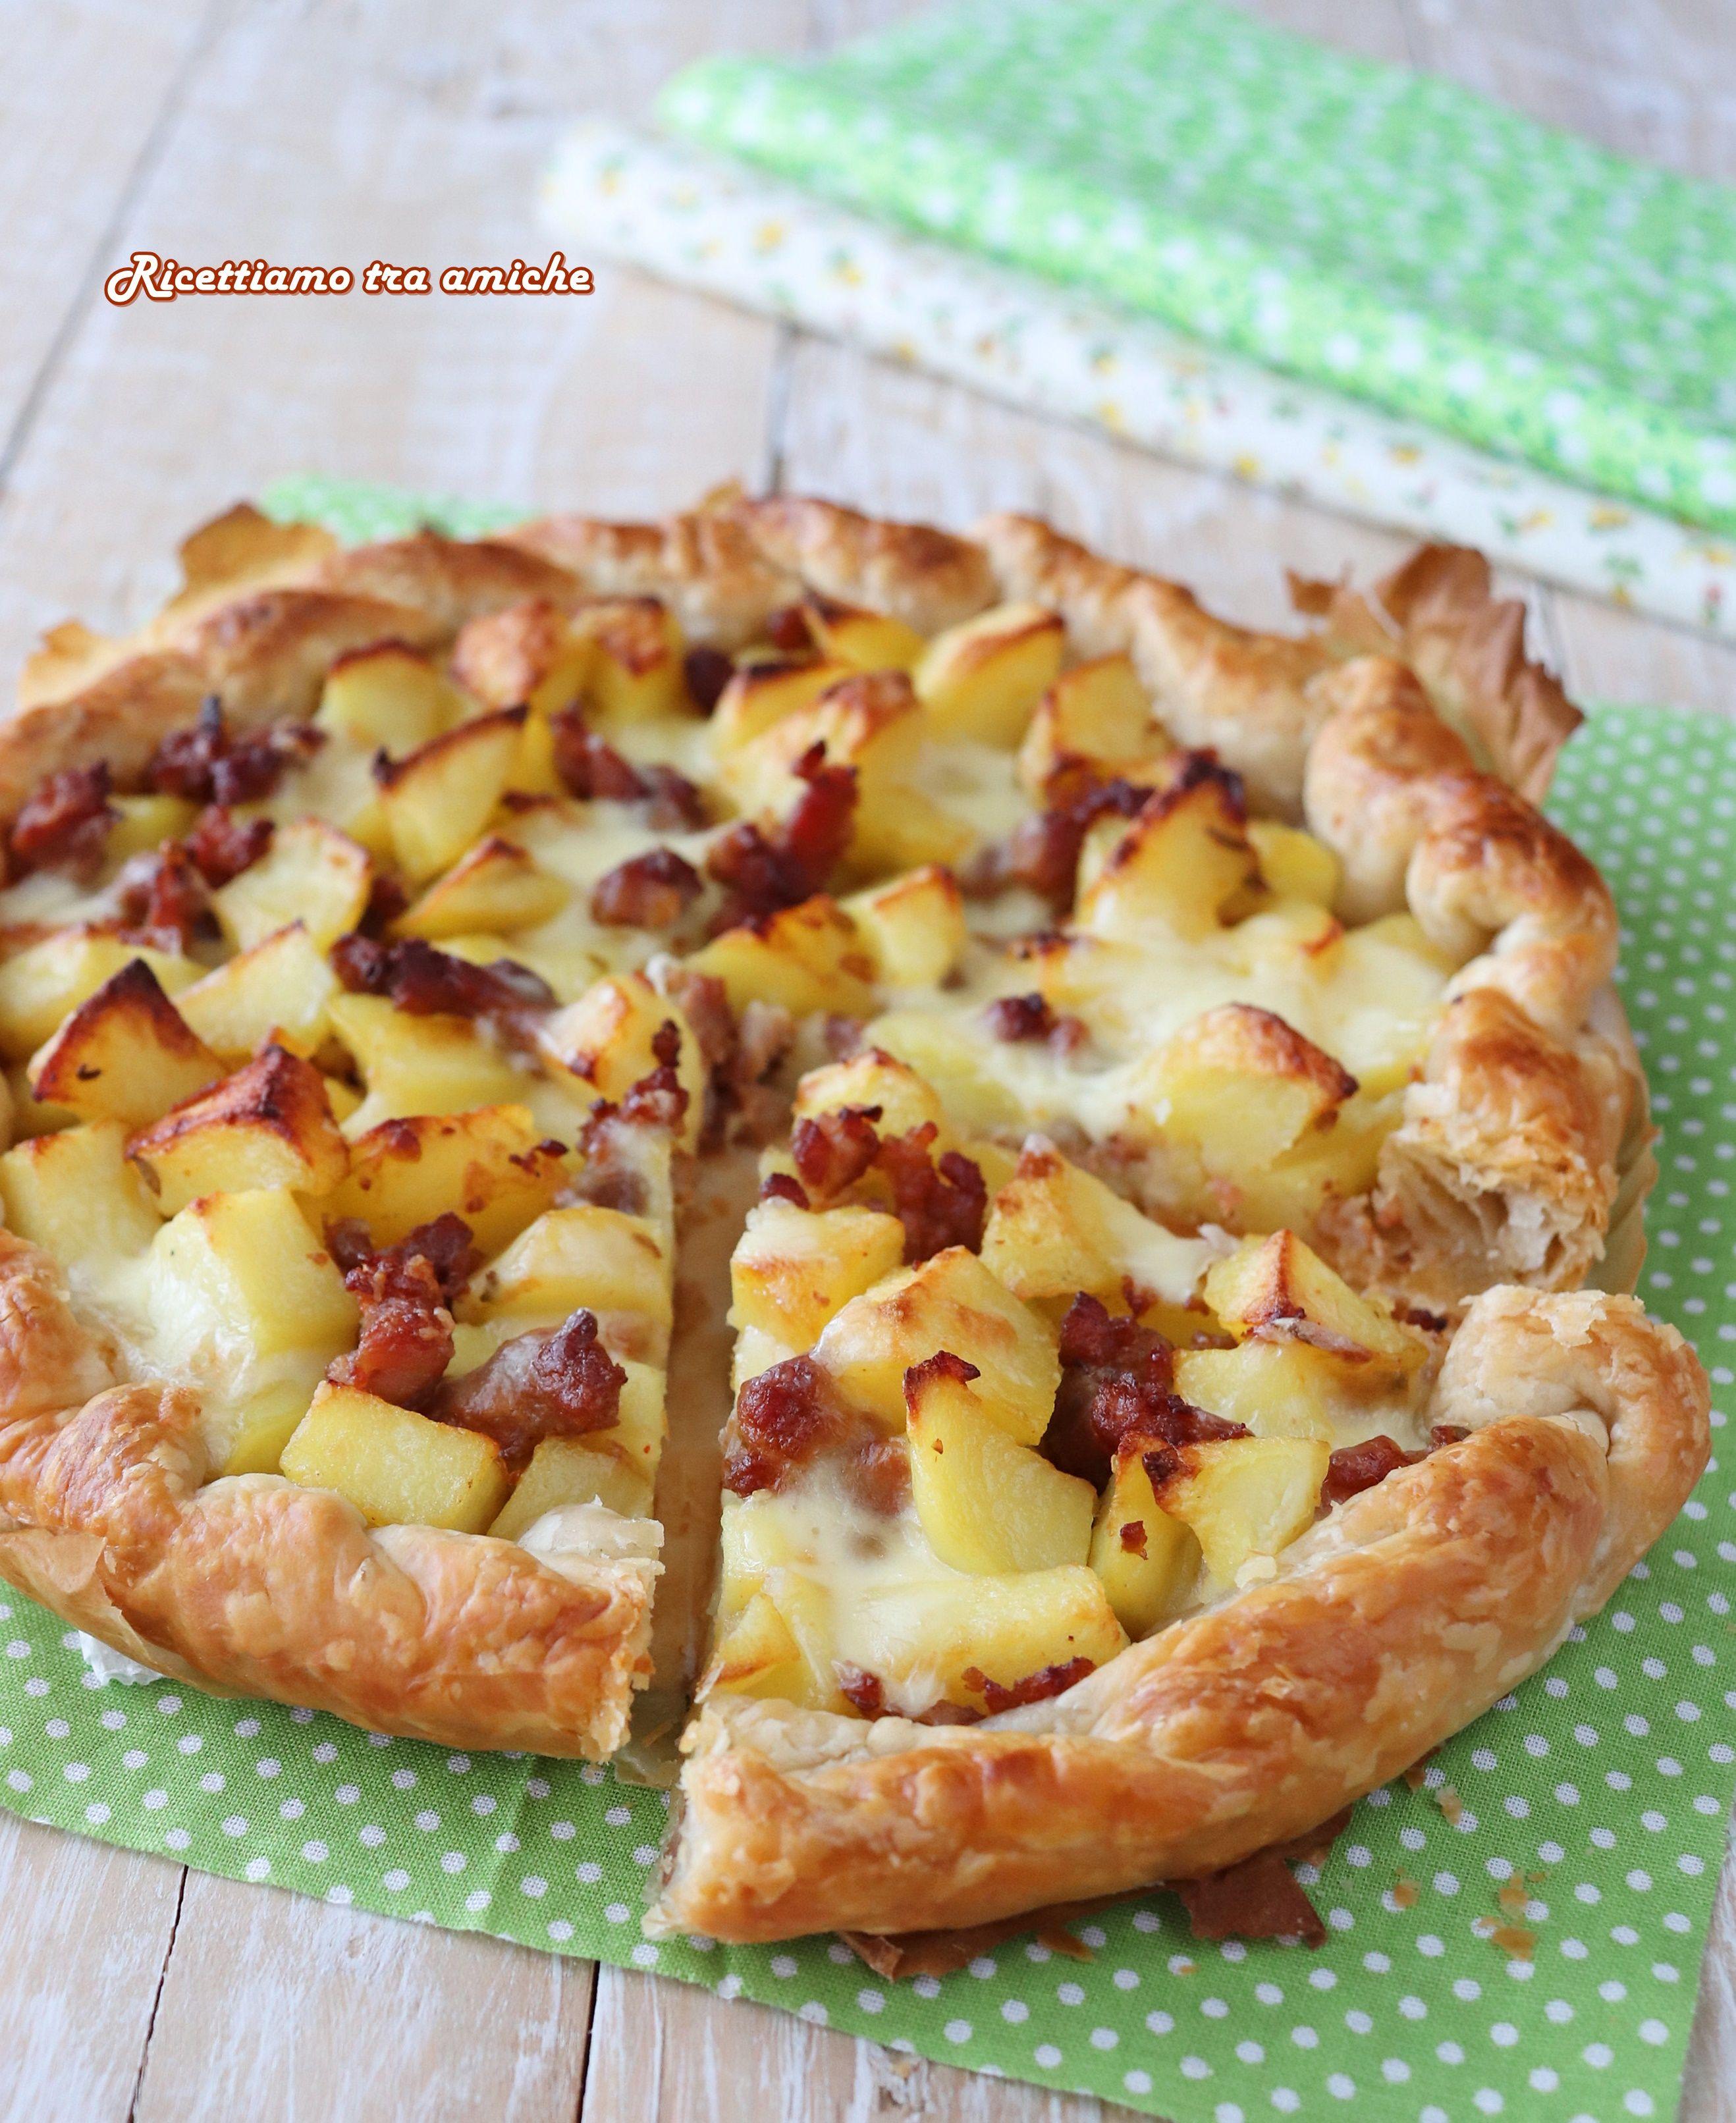 Ricetta Torta Rustica.Torta Salata Con Patate Salsiccia E Mozzarella Ricetta Ricetta Ricette Torte Salate Con Patate Ricette Di Cucina